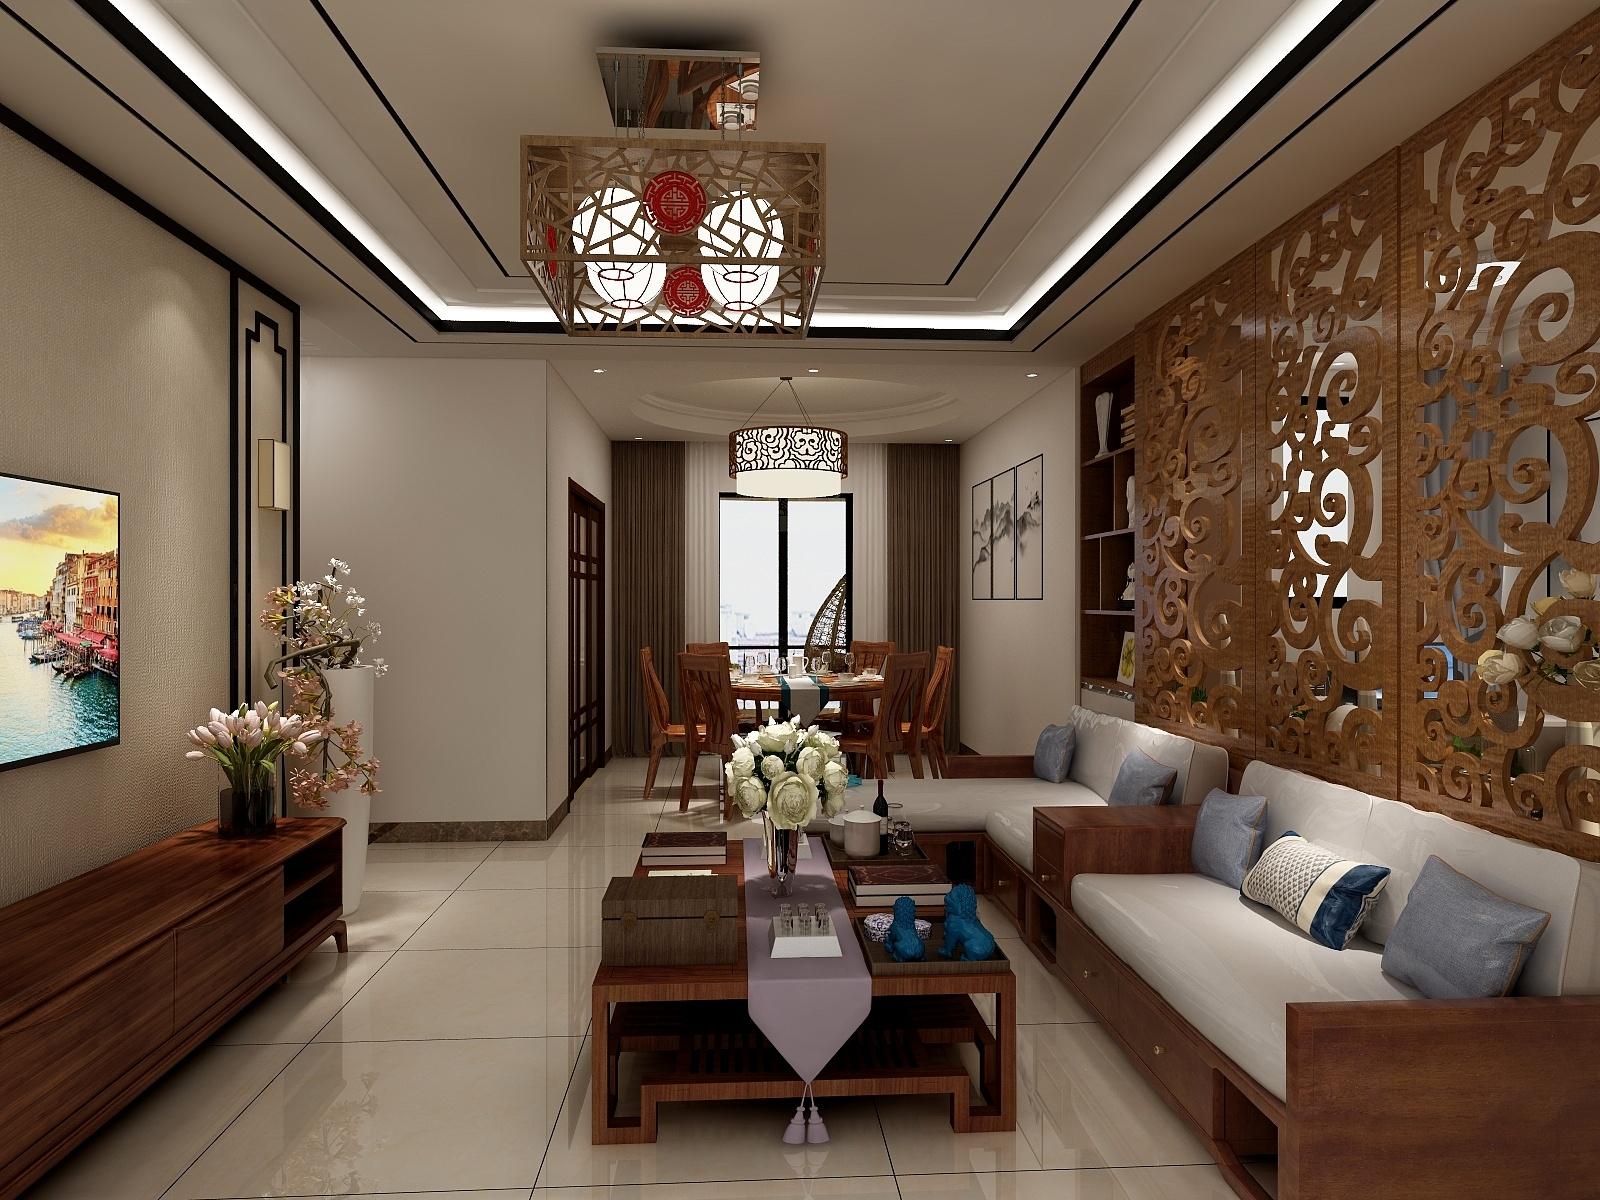 中式三室-设计师:周朱柳